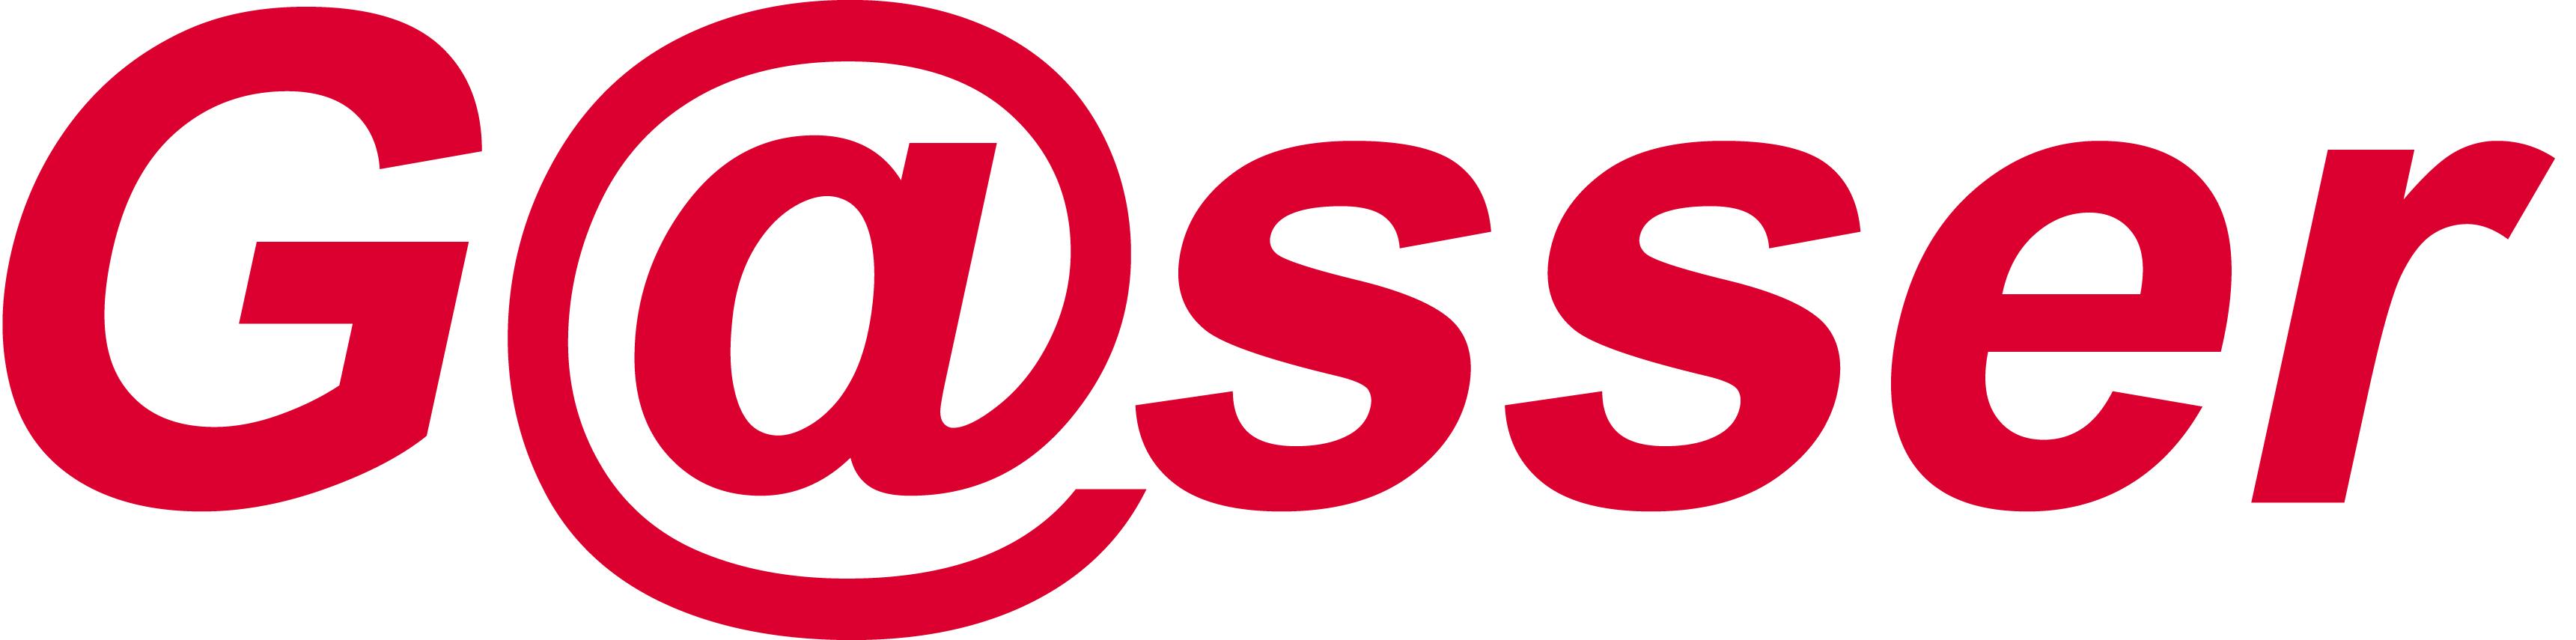 gasser.de-Schrift-rot